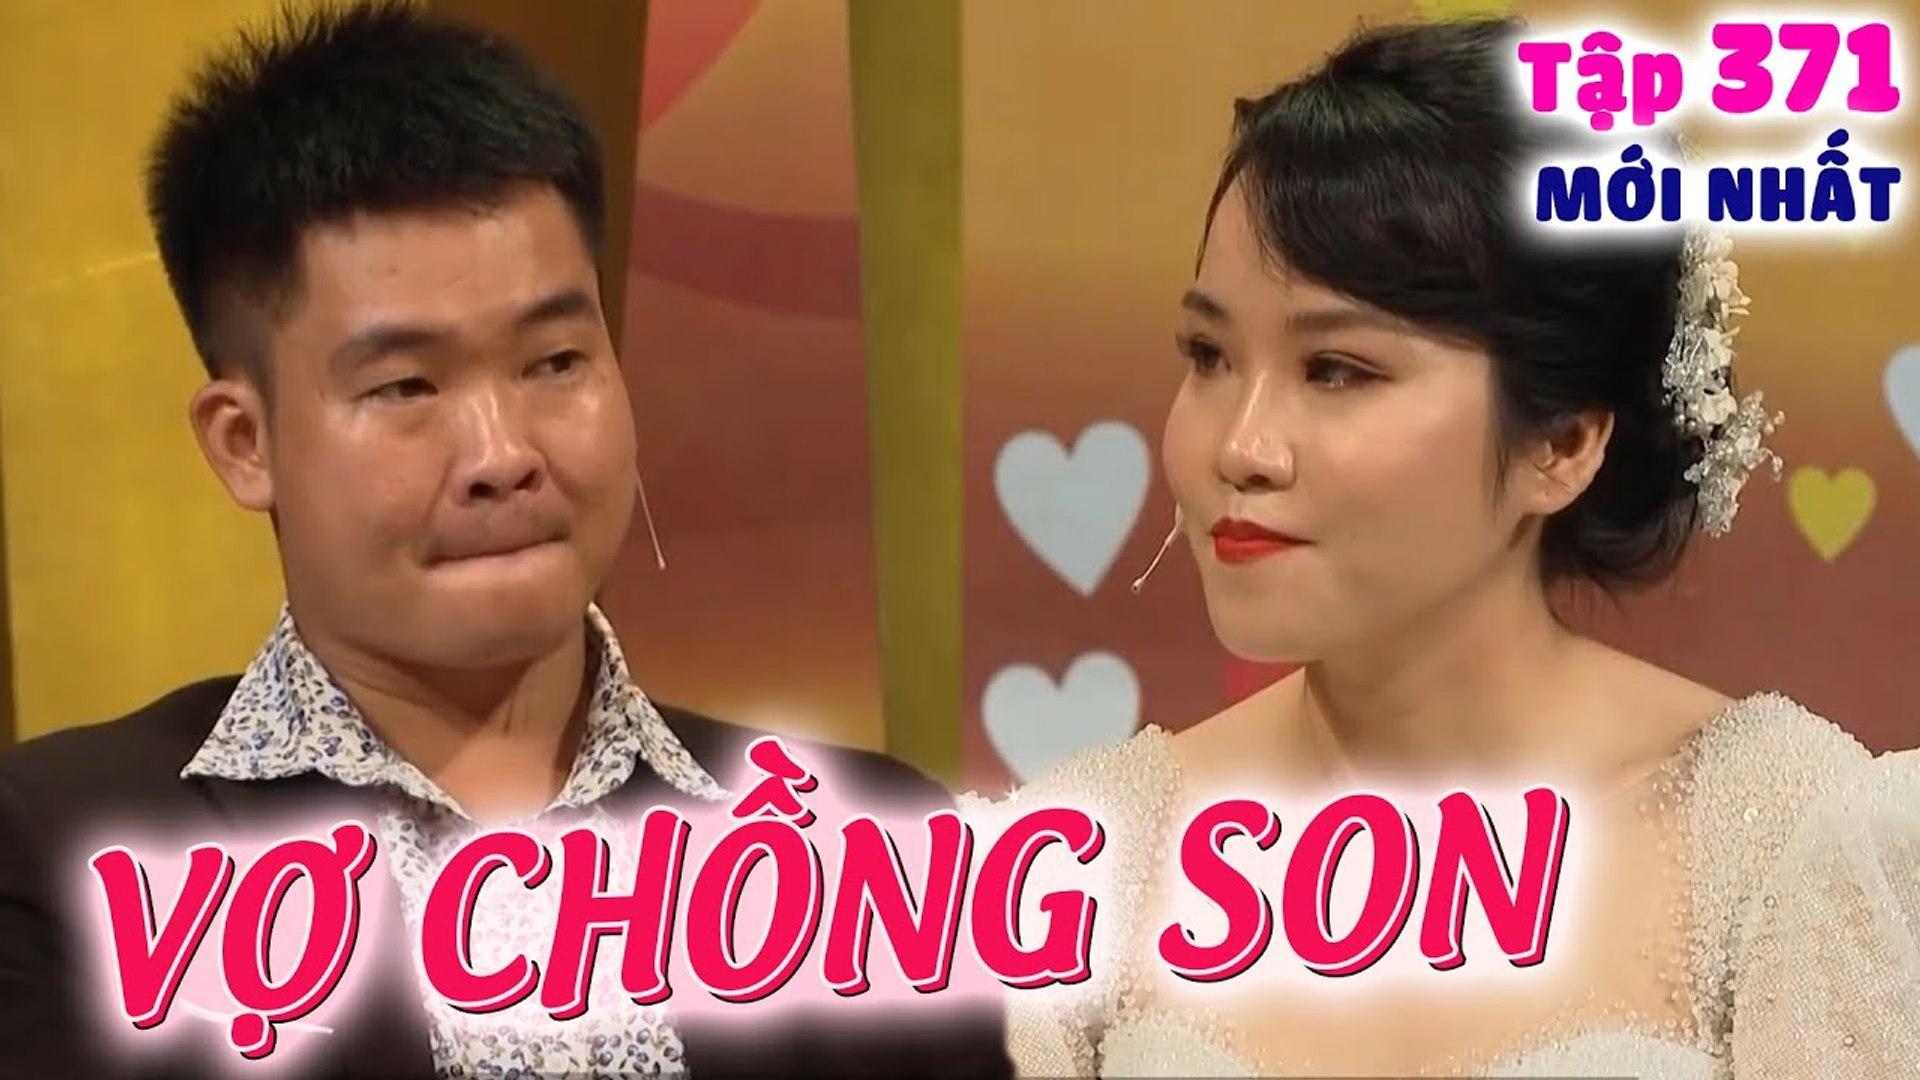 [Tập 371] VỢ CHỒNG SON MỚI NHẤT | Ruby Nhi - Tuấn Anh | Thanh Chum - Bích Tiên | VỢ CHỒNG SON 2020